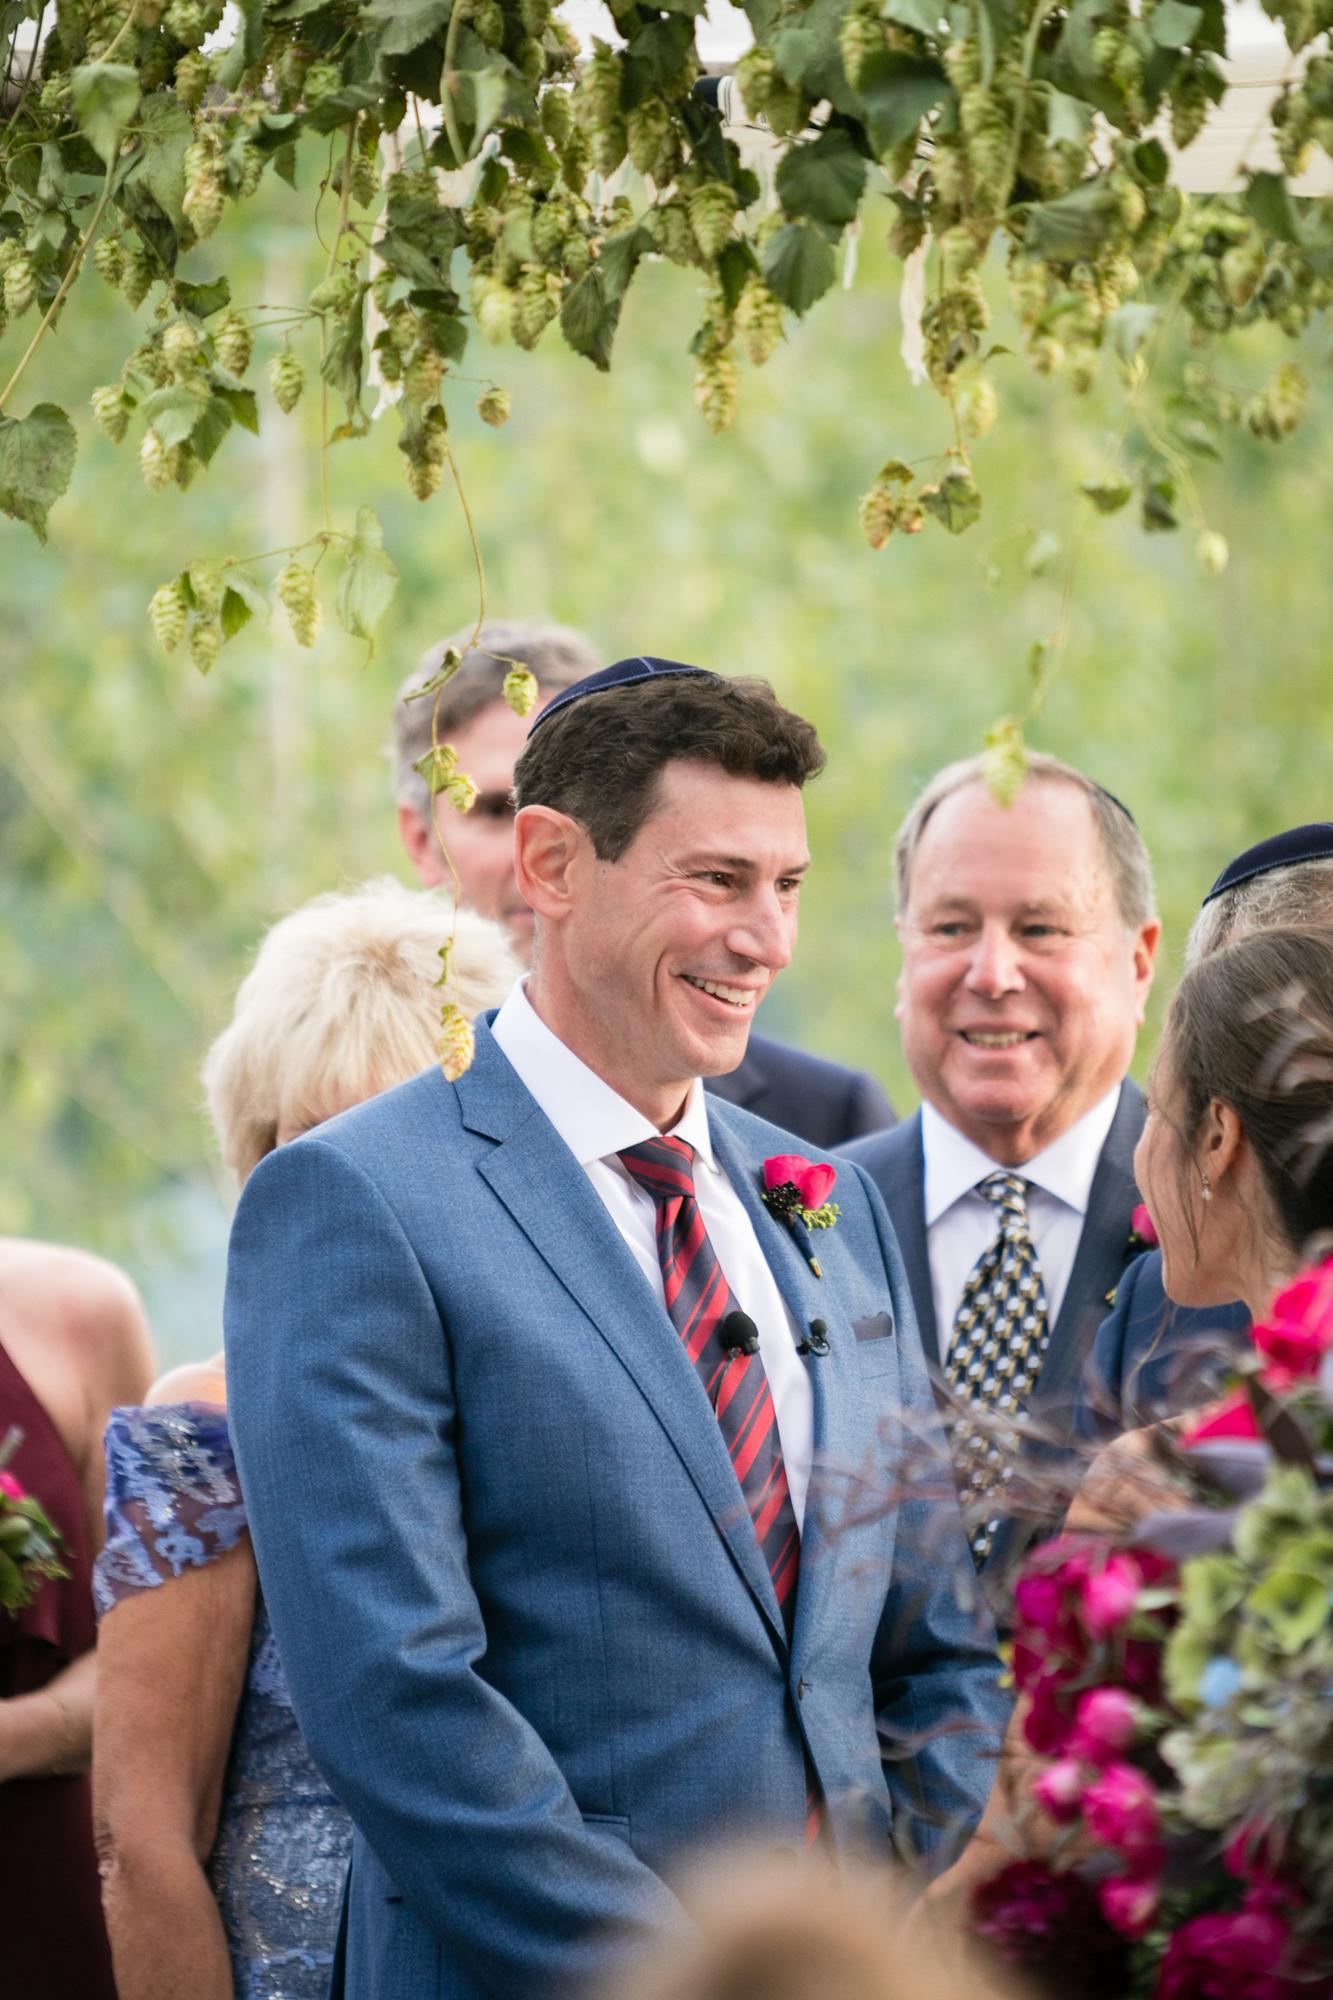 stein-eriksen-wedding-photography-19.jpg